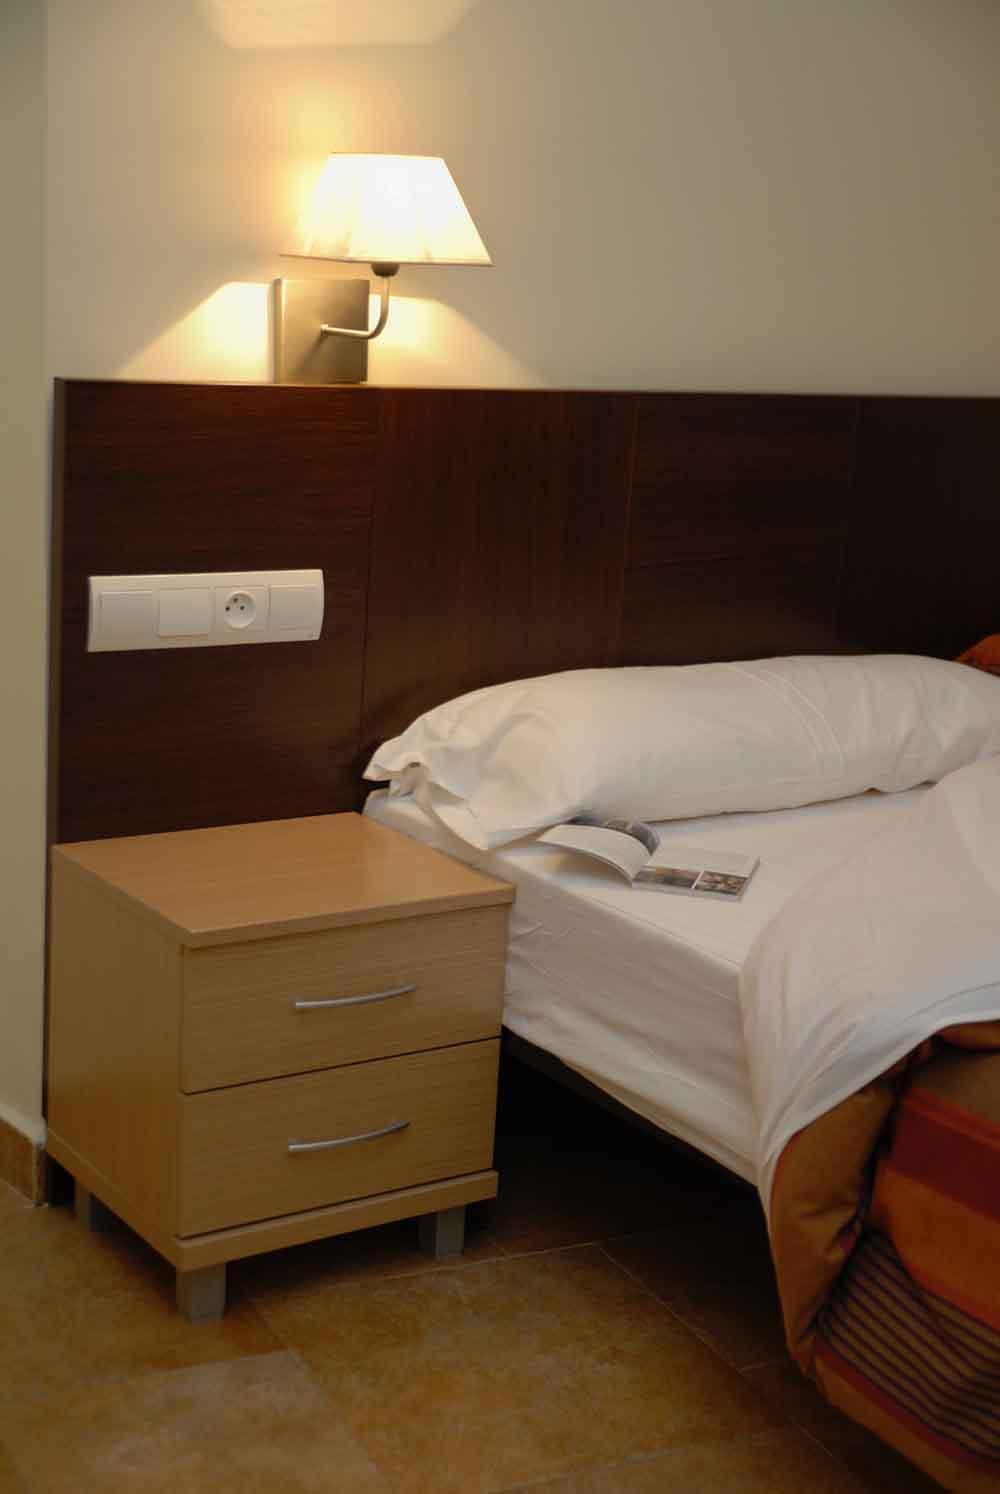 Hoy disponemos de 274 apartamentos baratos en venta en valencia. Alquiler apartamentos baratos Valencia